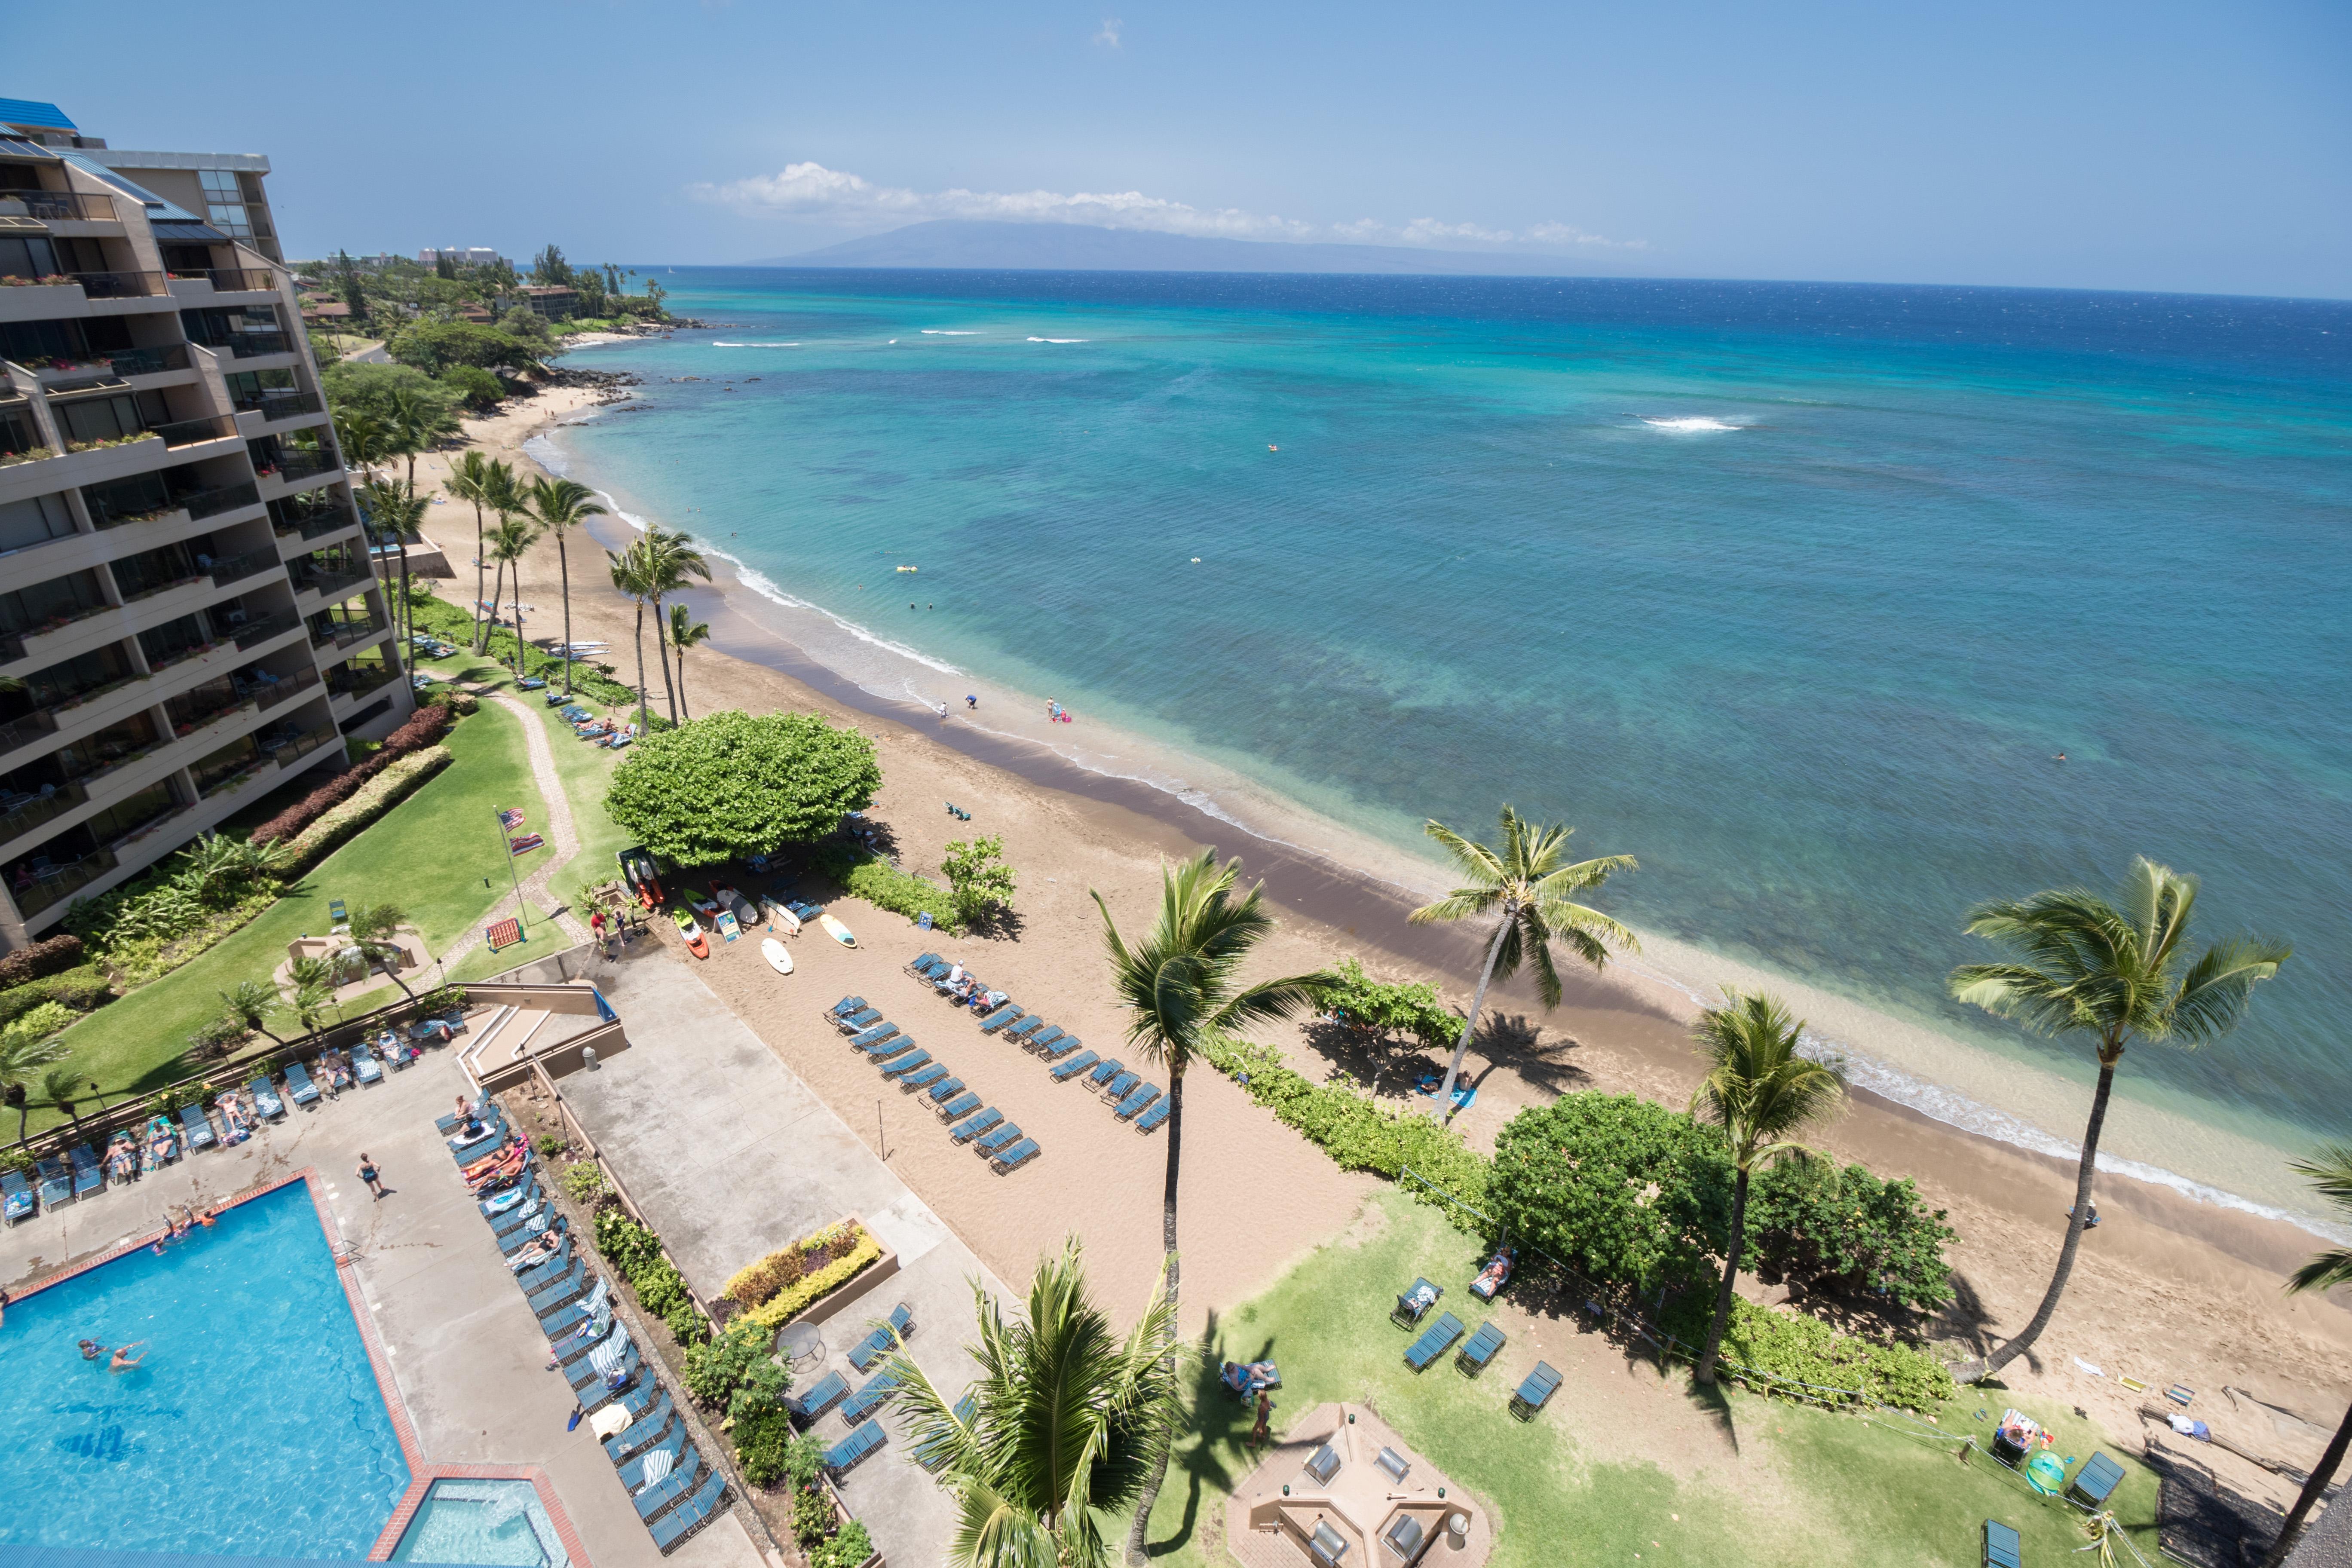 Maui Vacation Deals & Specials